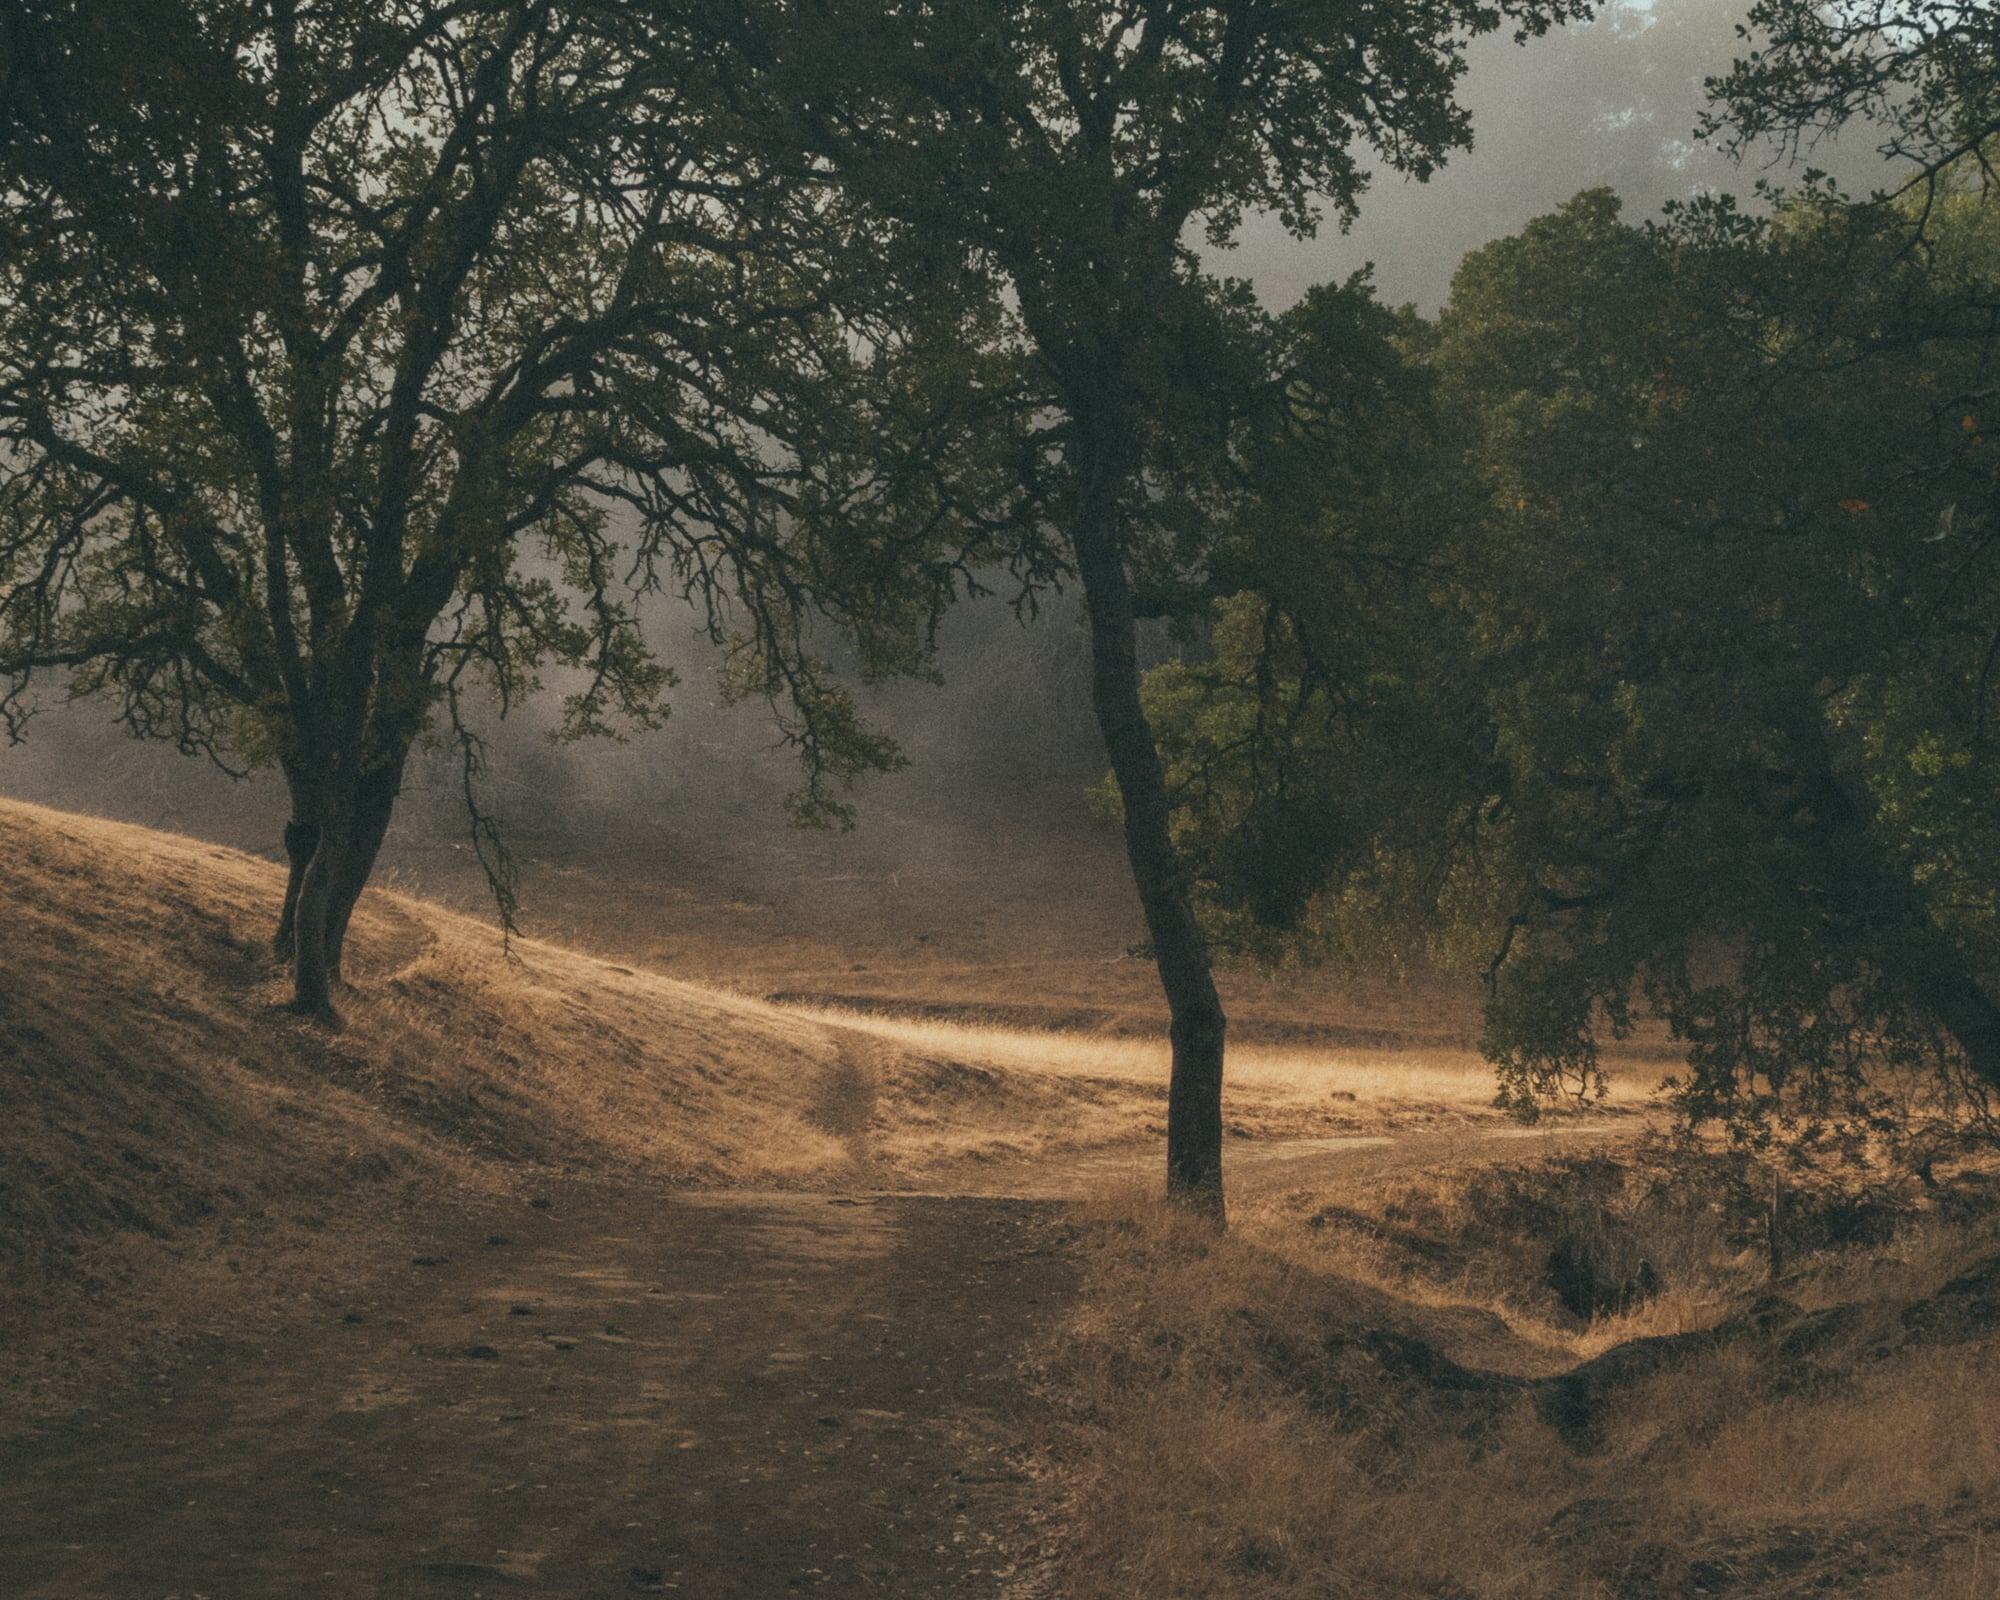 ParchedLandscapes-0173.jpg